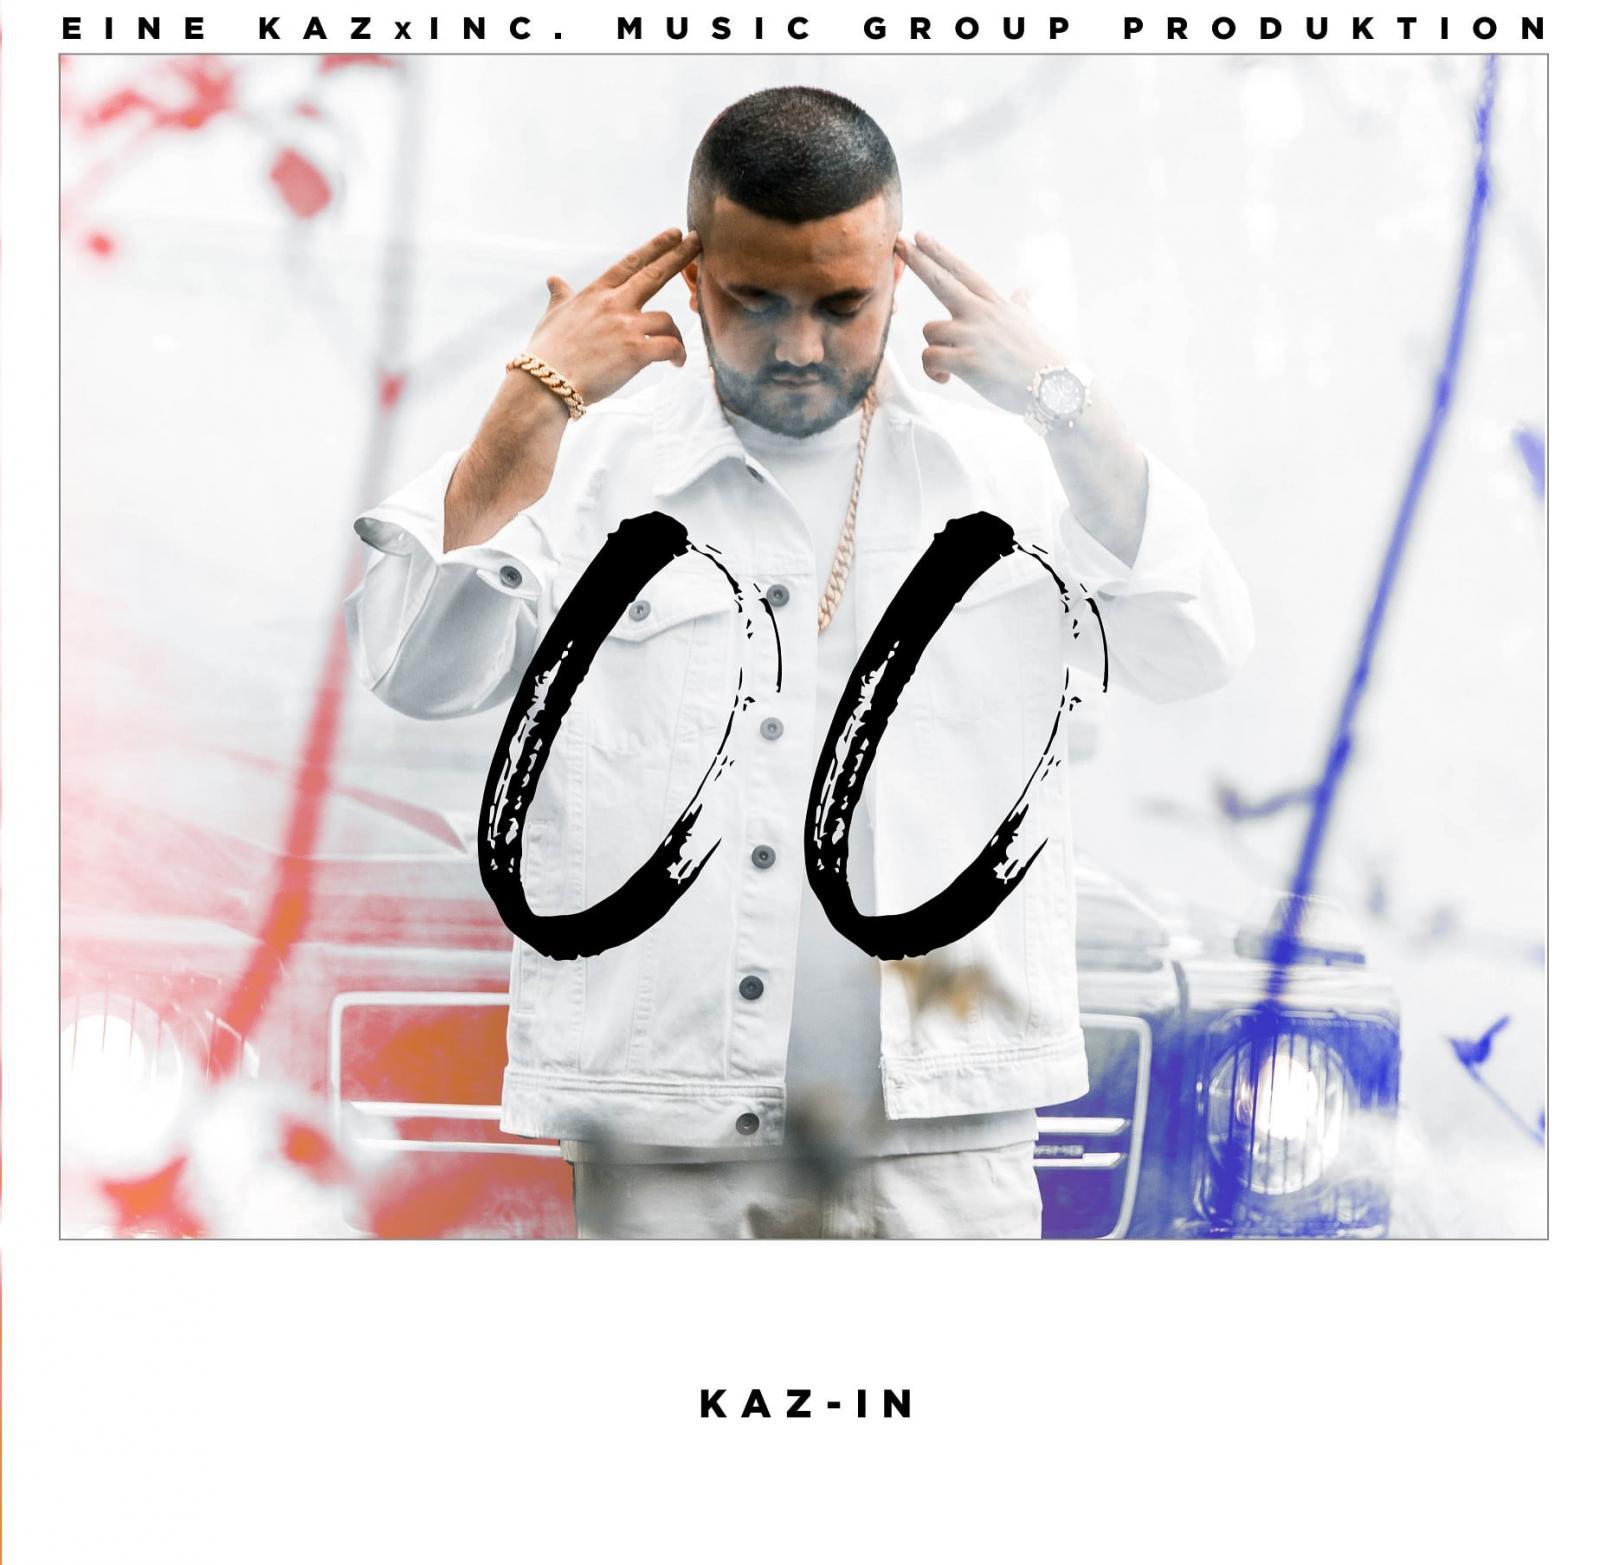 Upcoming: KAZ-IN - 00